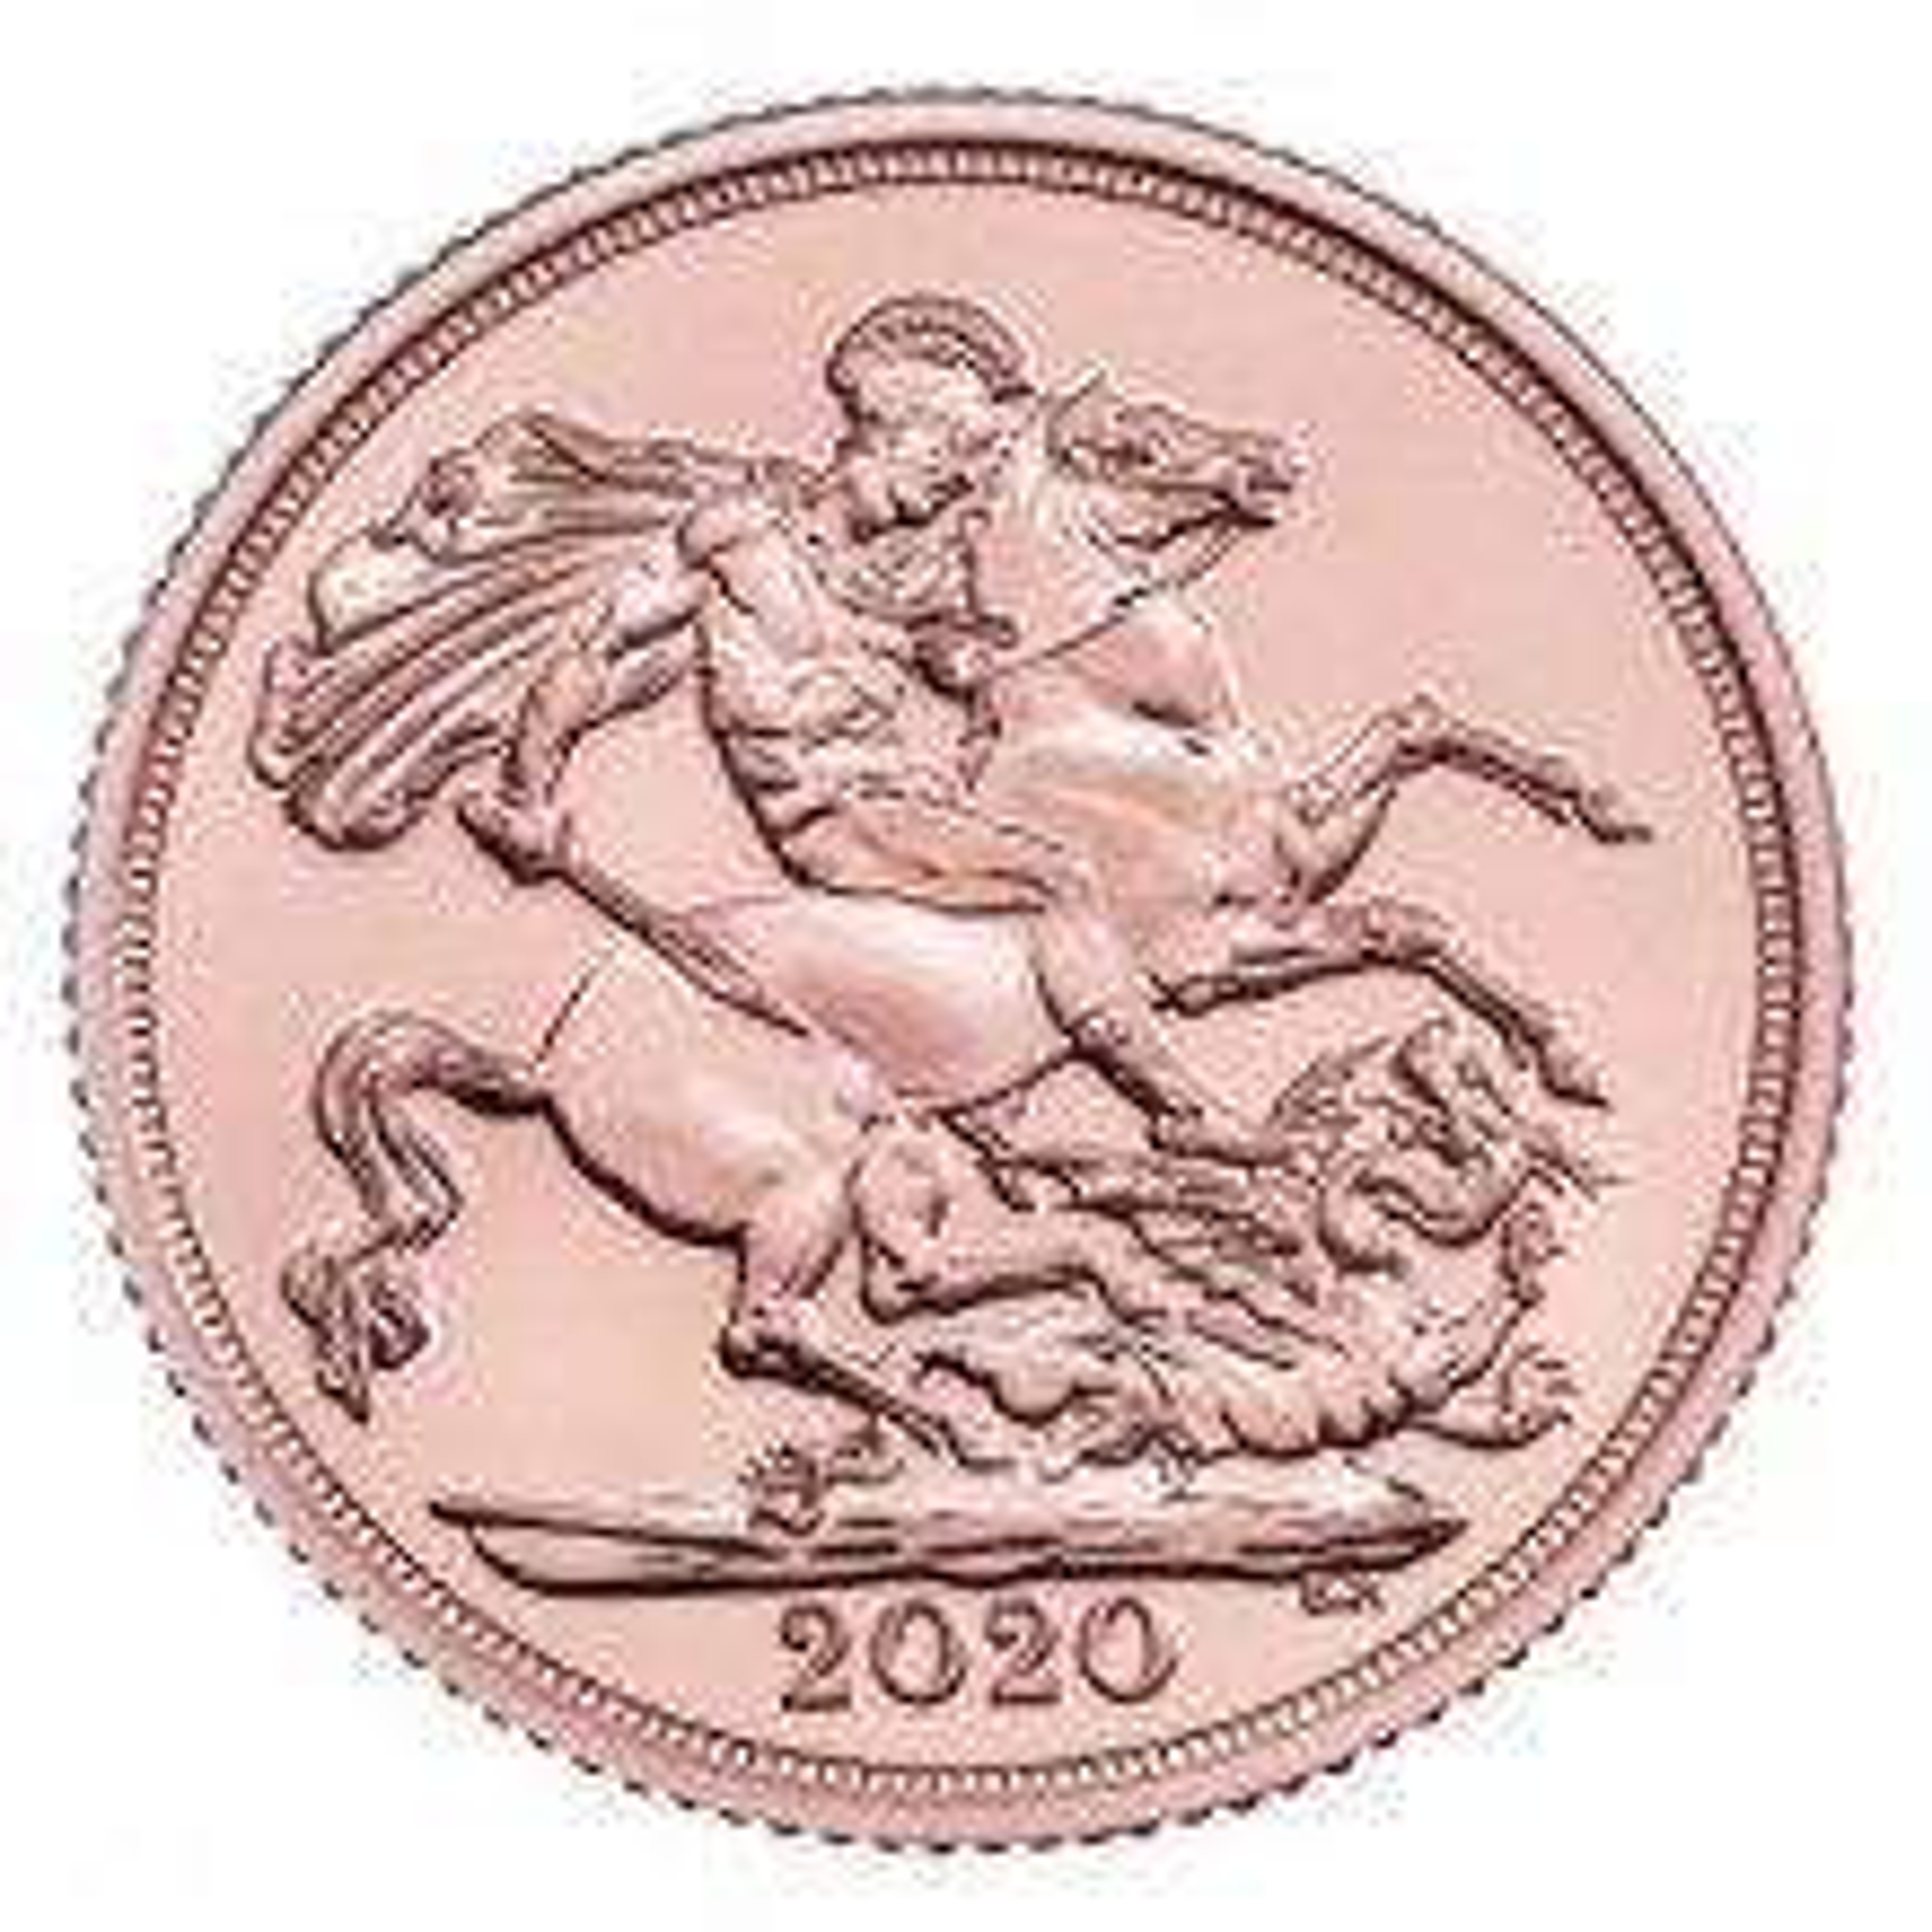 Gouden 2 Sovereign munt 2020